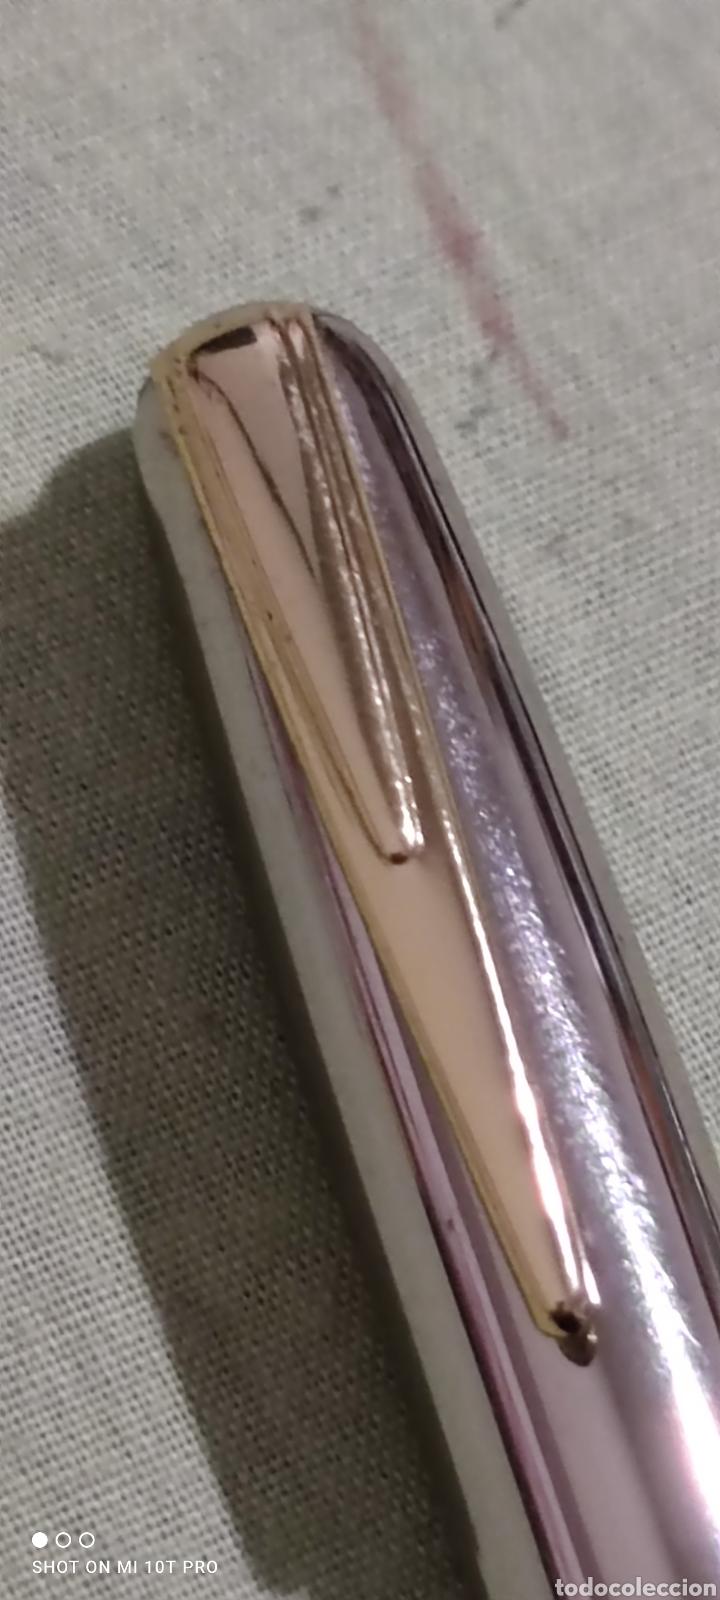 Bolígrafos antiguos: Bolígrafo tombow - Foto 2 - 293661333